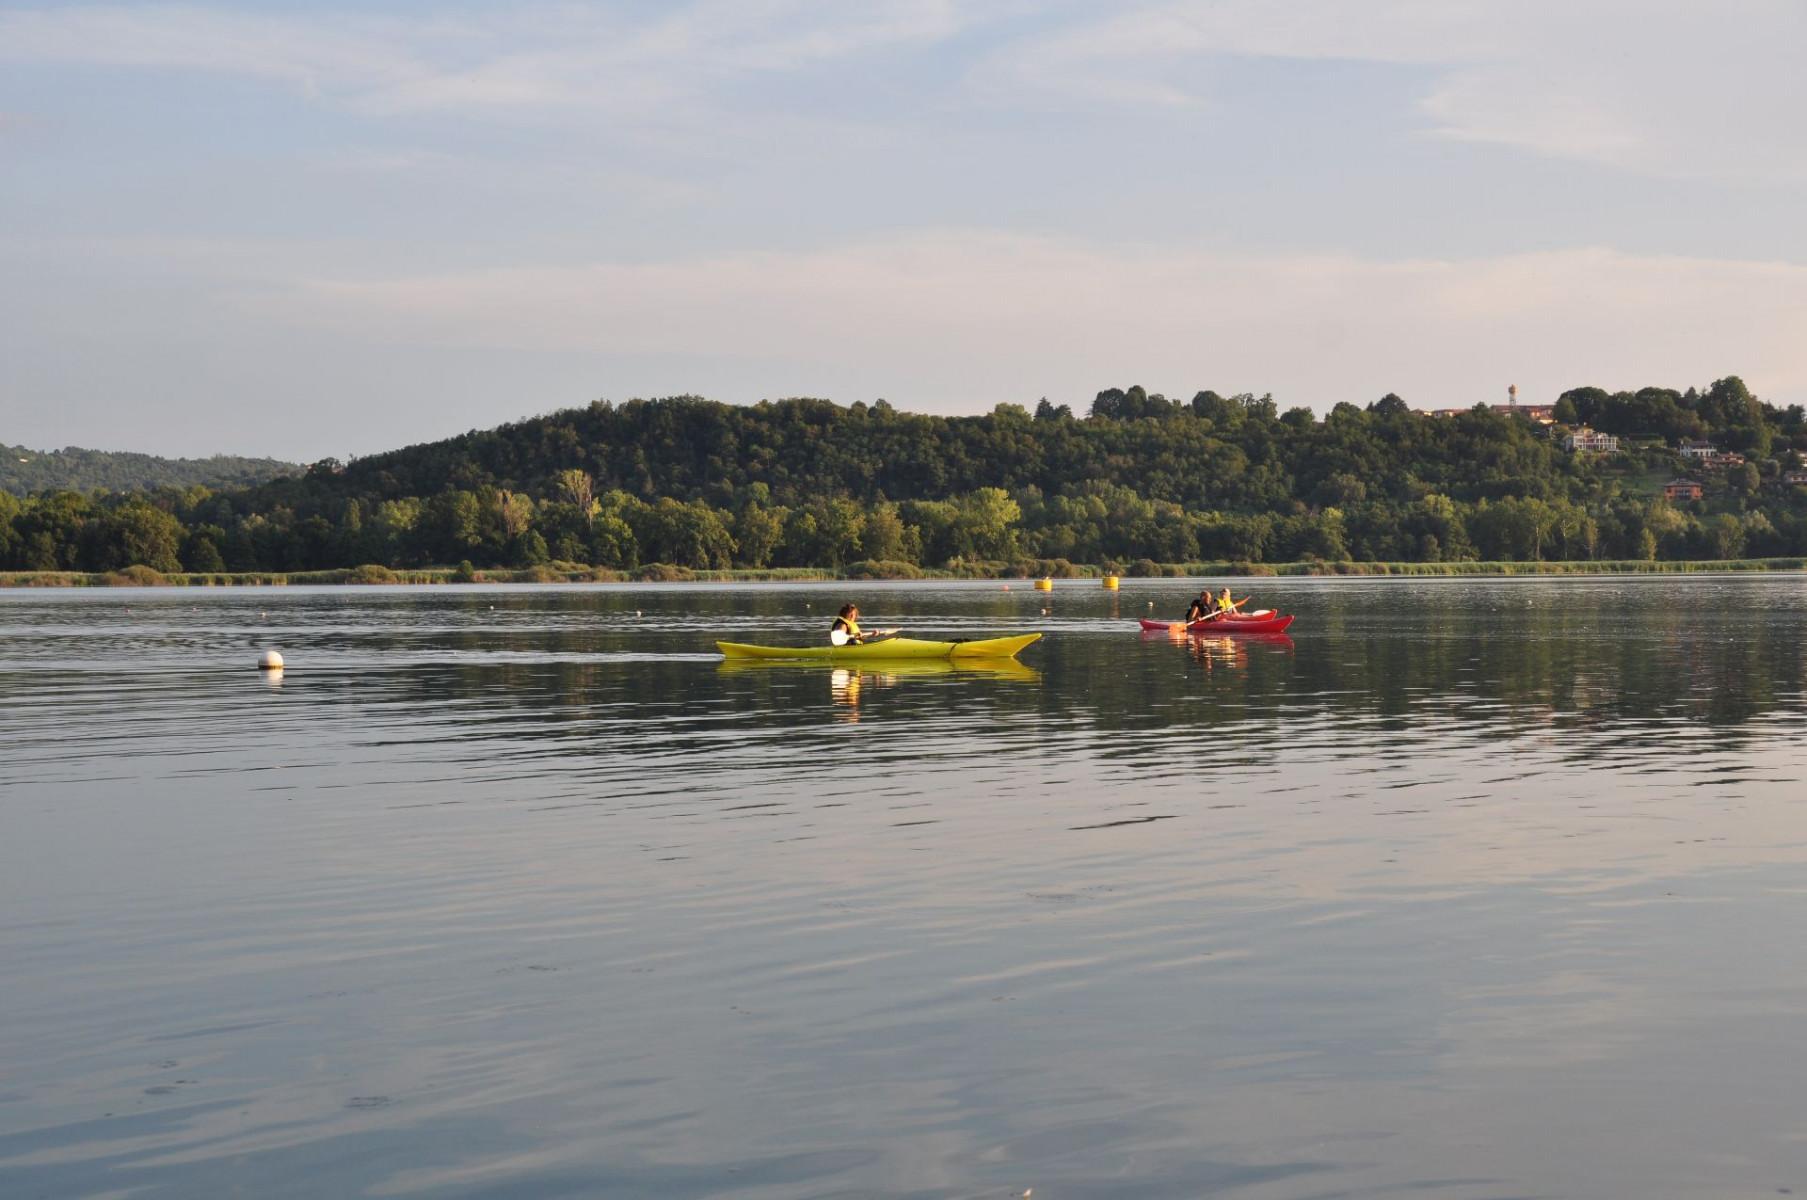 Tour di 1 ora in kayak sul Lago di Varese